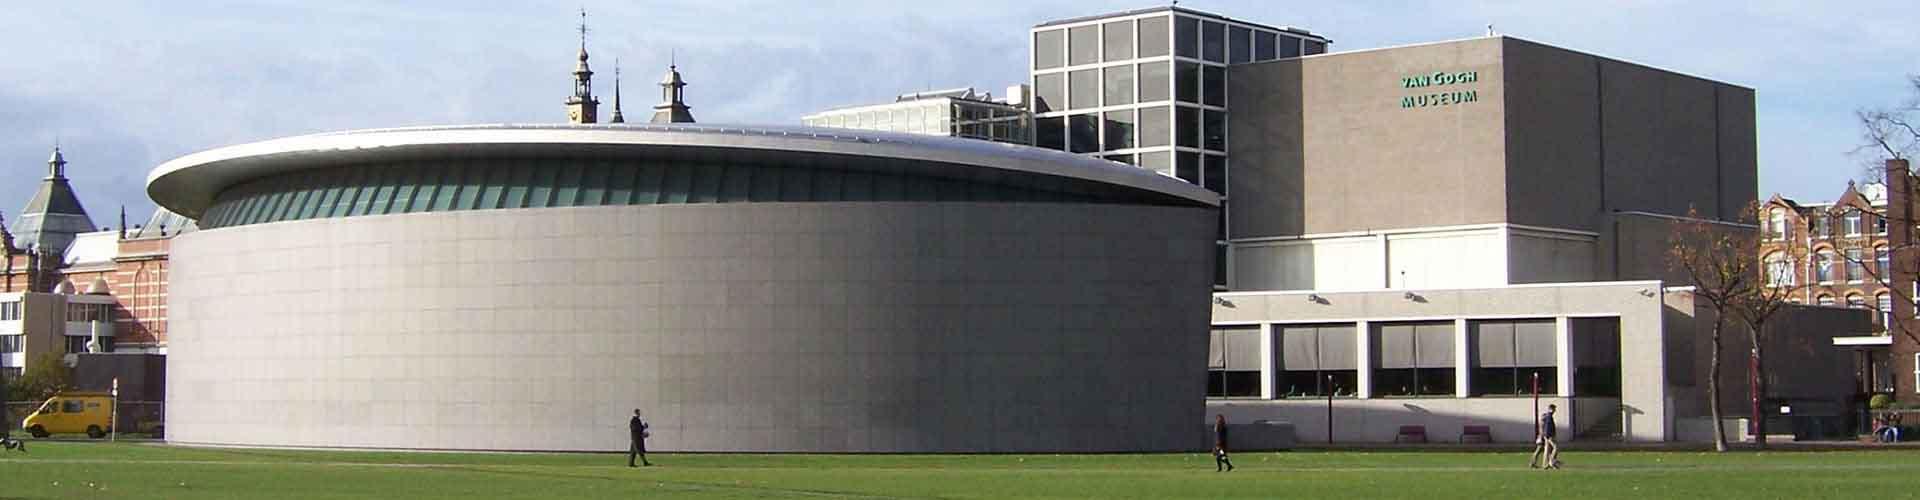 阿姆斯特丹 – 梵高博物馆附近的青年旅舍。阿姆斯特丹地图,阿姆斯特丹每家青年旅舍的照片和评价。